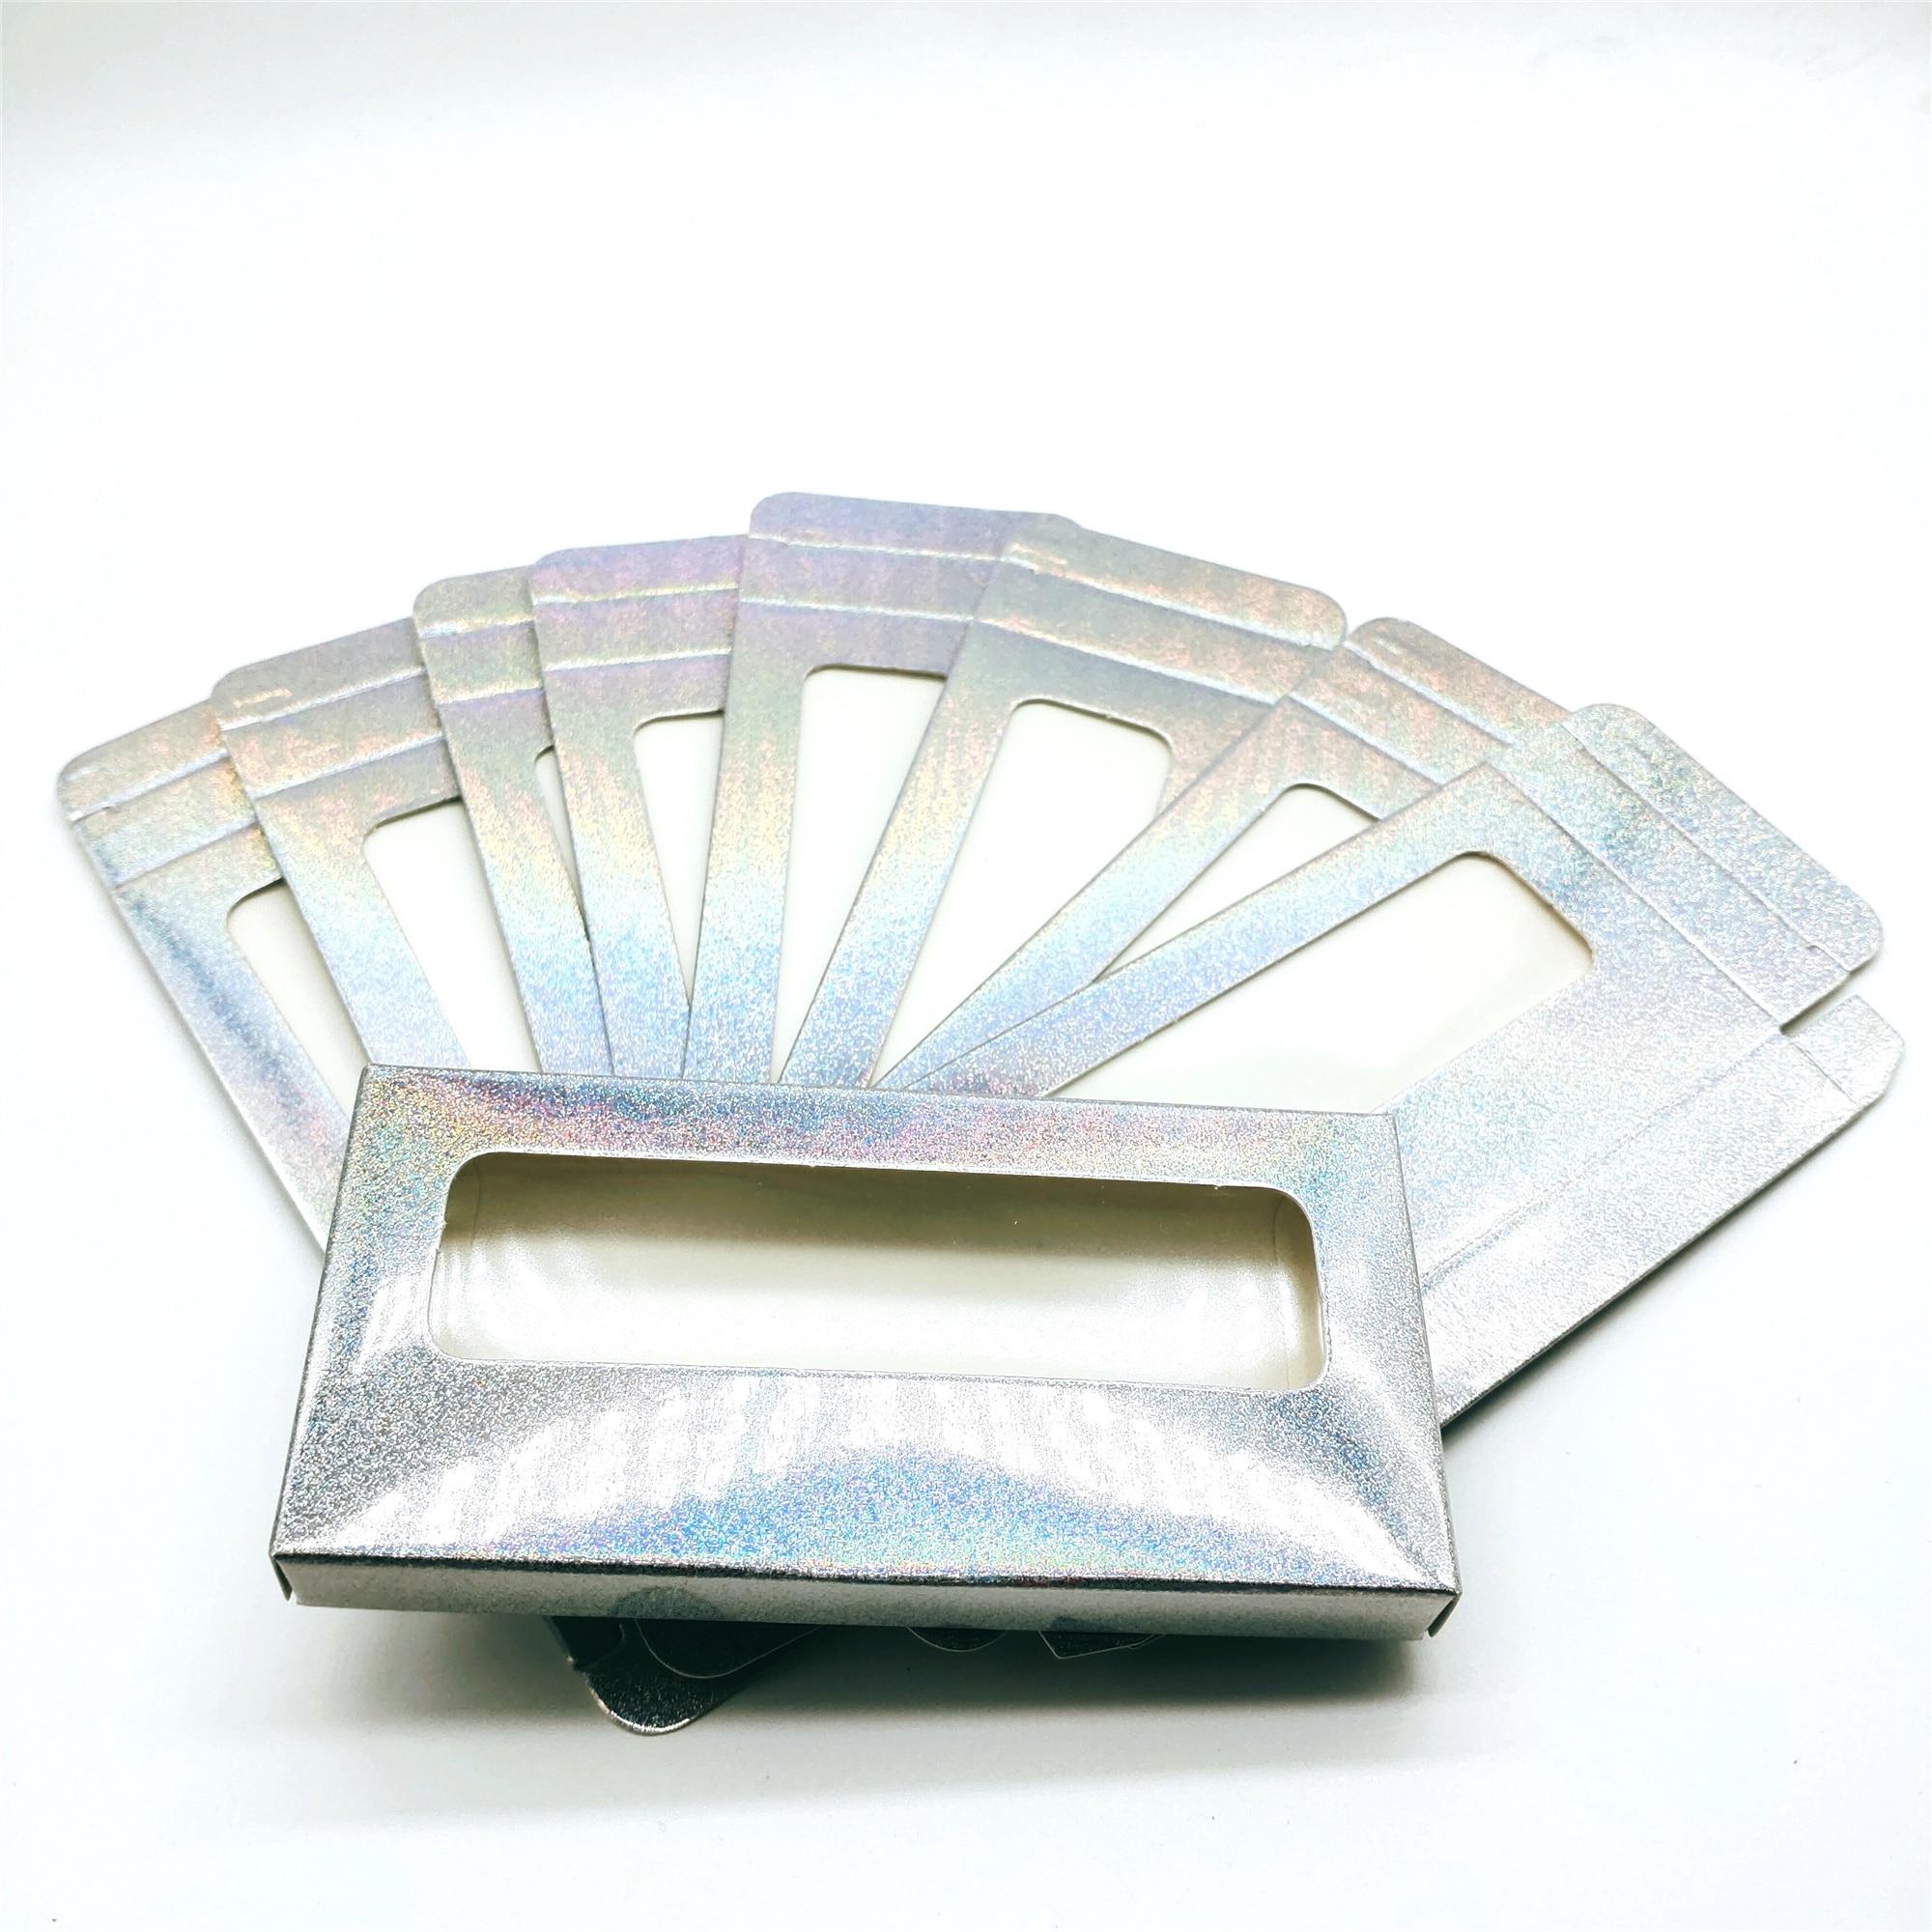 25 мм бумажная коробка для упаковки ресниц оптовая продажа картонная